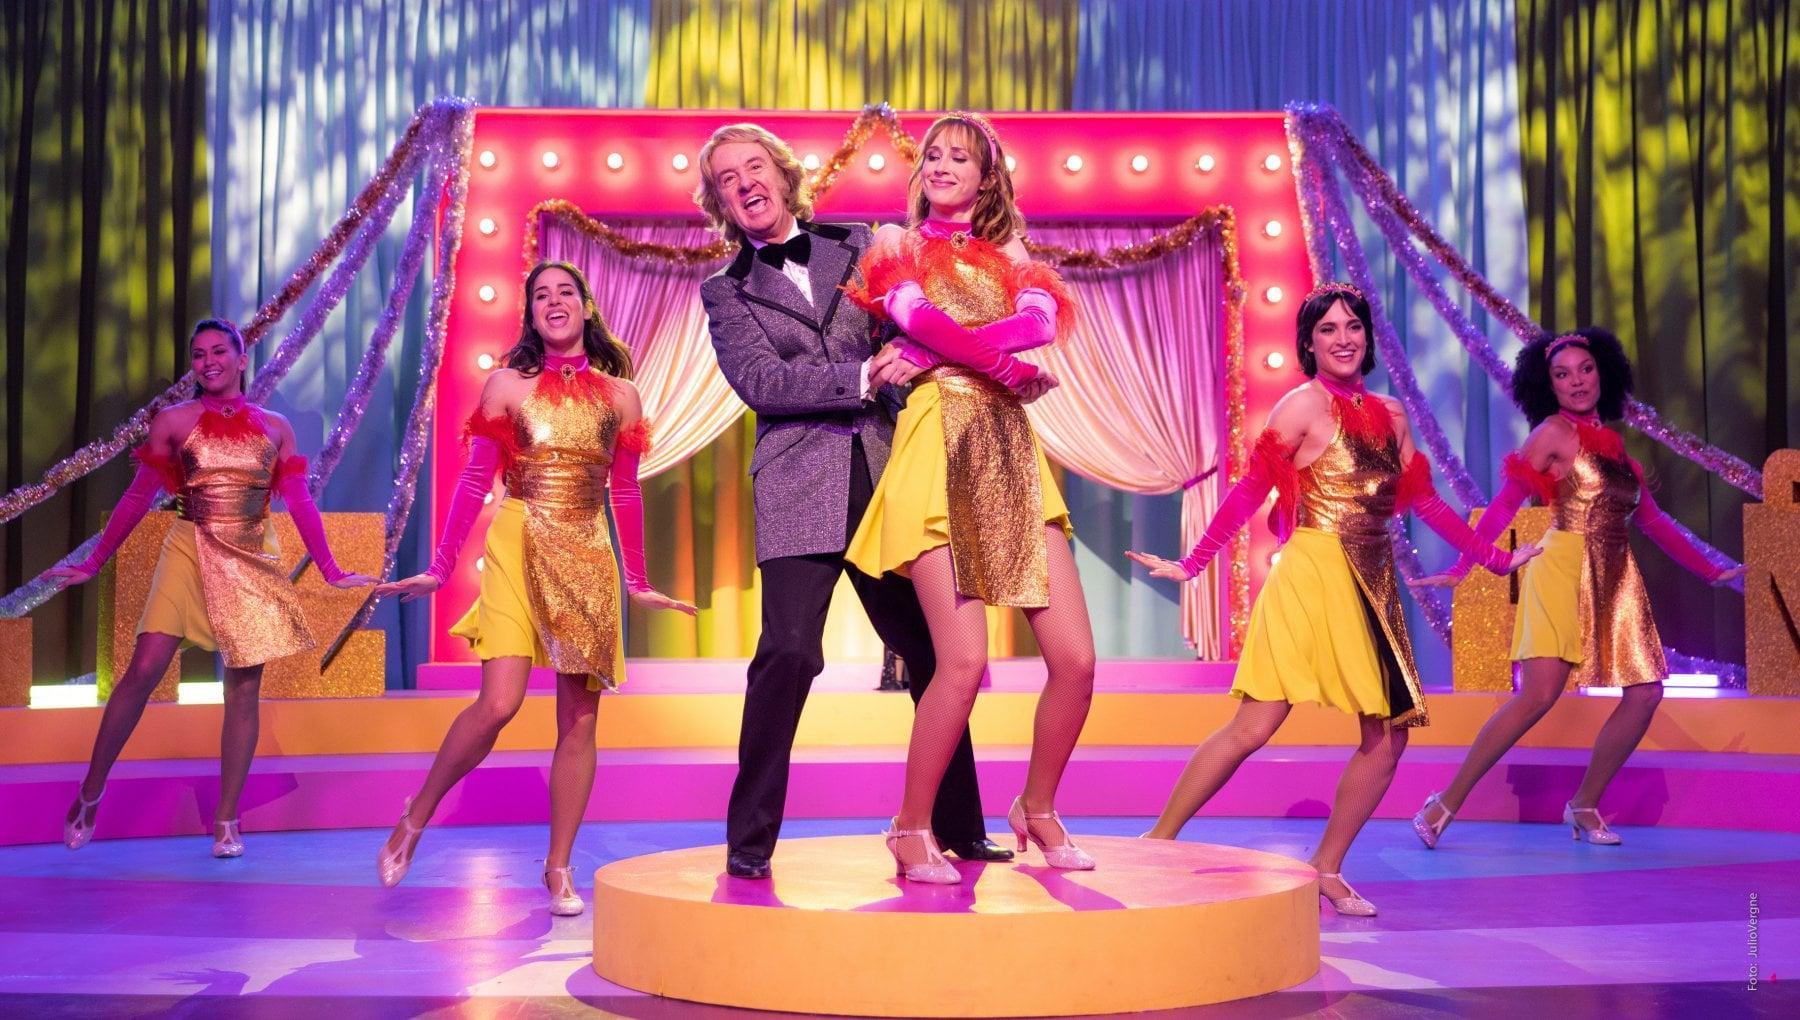 Ballo ballo cosi le canzoni di Raffaella Carra diventano un film